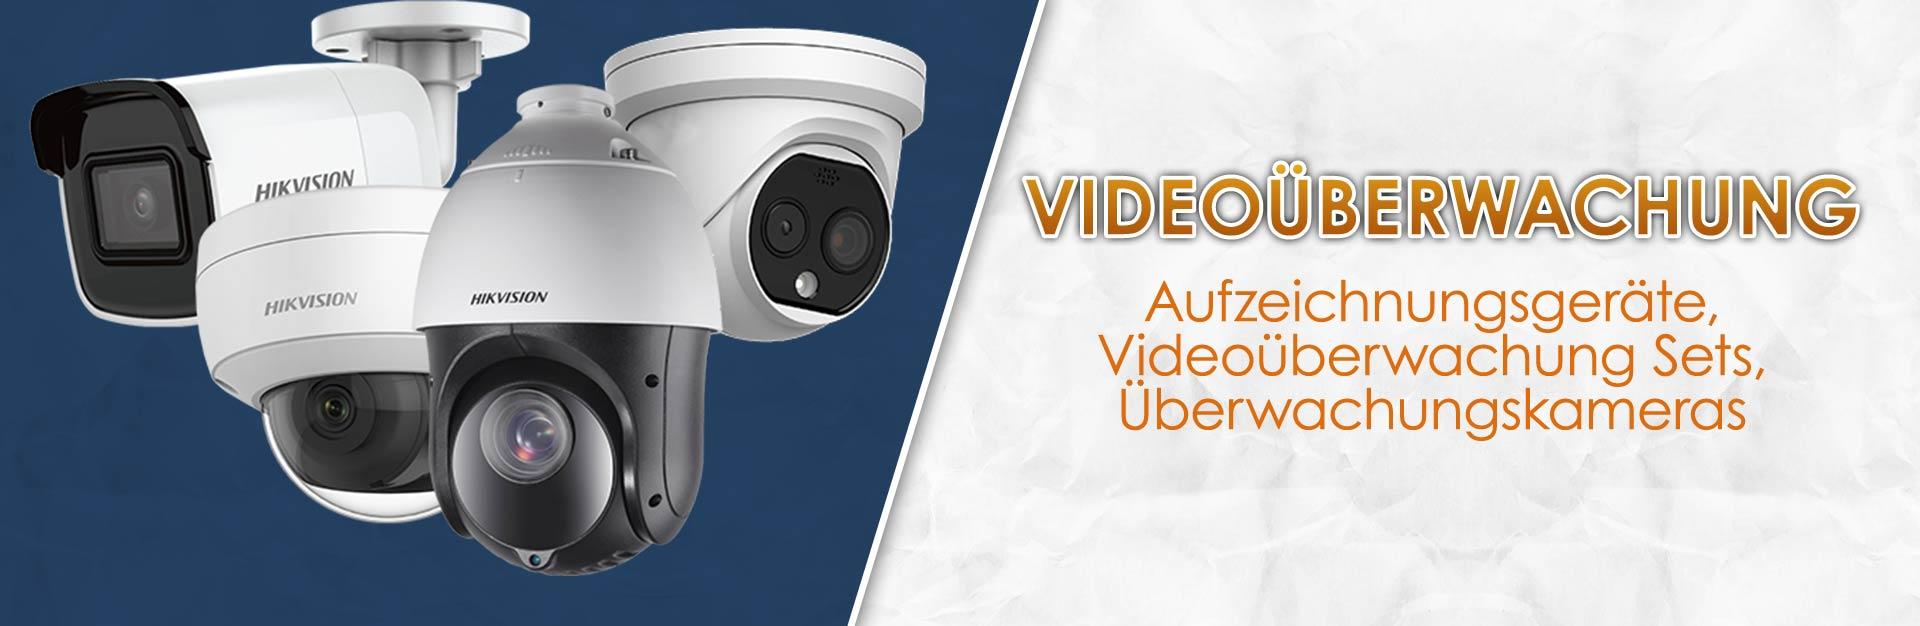 Videoueberwachung-Set-Überwachungskamera-Security-Objektsicherheit-OrangeComputer-HD